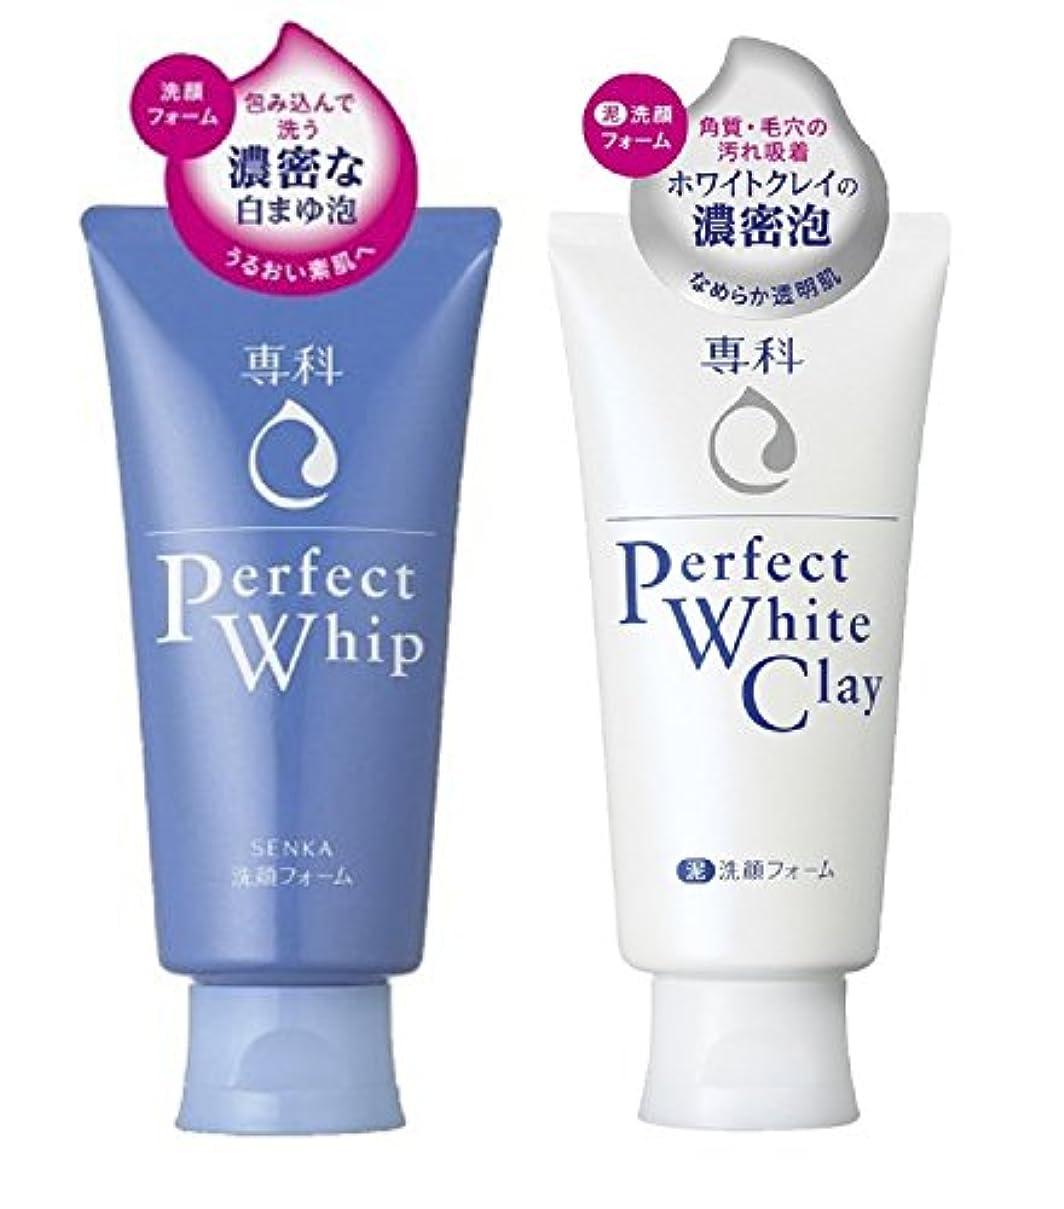 朝晩洗顔フォーム専科セット品 パーフェクトホイップn + パーフェクト ホワイトクレイ 120gx2